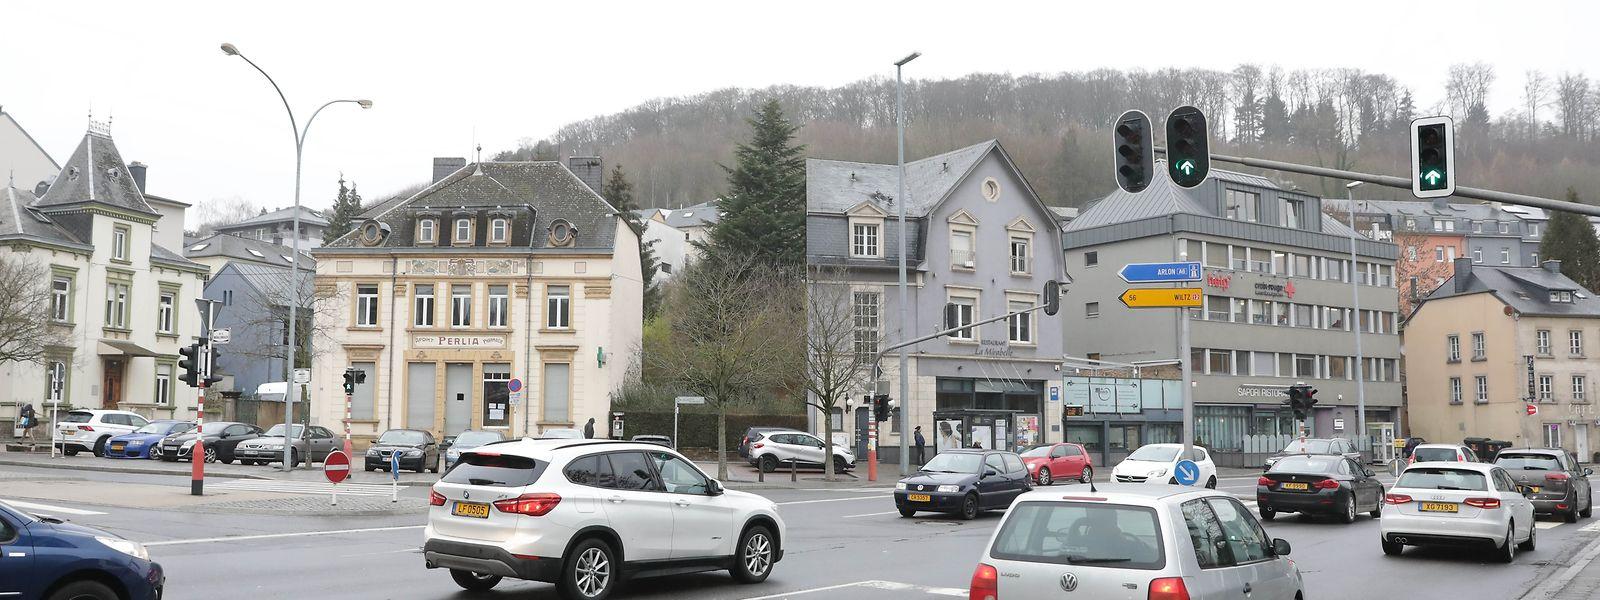 Die Place Dargent ist eine der Hauptachsen, um ins Stadtzentrum oder wieder hinaus zu gelangen.